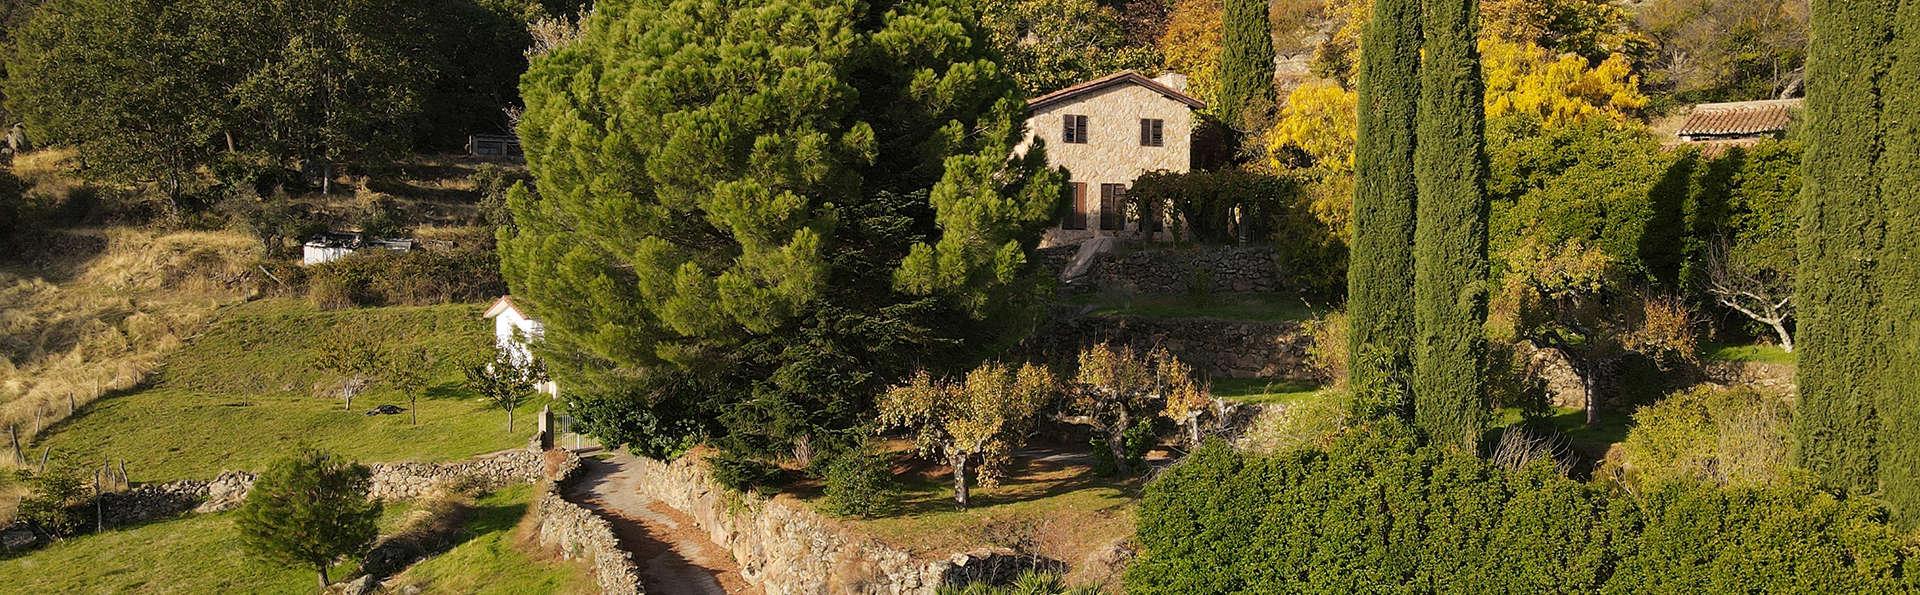 Disfruta de las vistas en habitación con terraza, a pie de la Sierra de Gredos